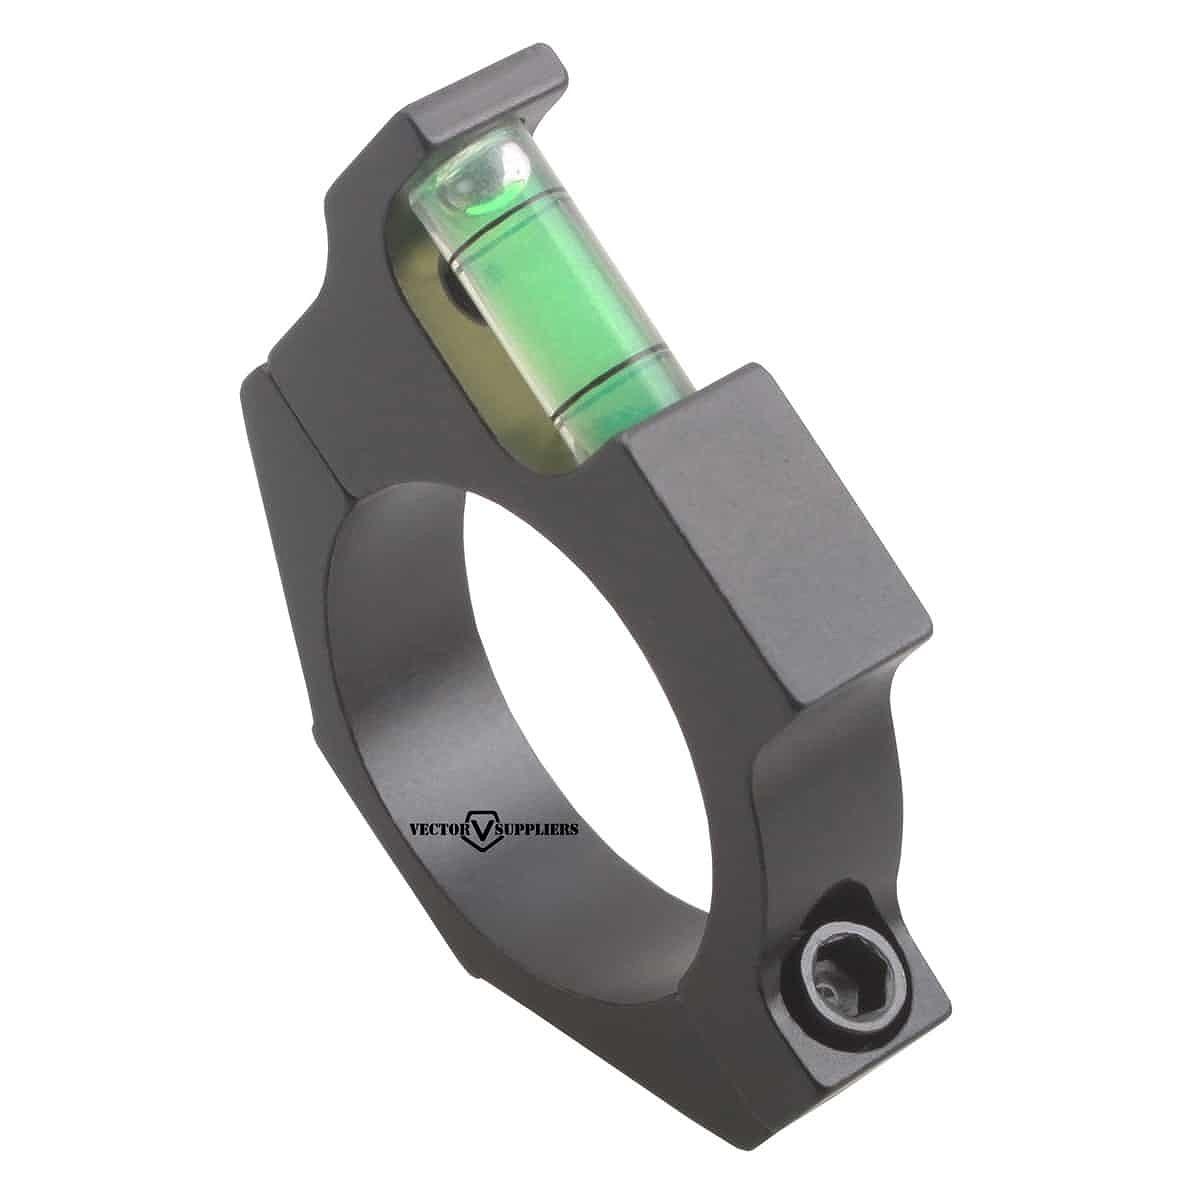 【お届け予定日: 5月30日】ベクターオプティクス 水平器 25.4mm Offset Bubble  Vector Optics SCACD-04